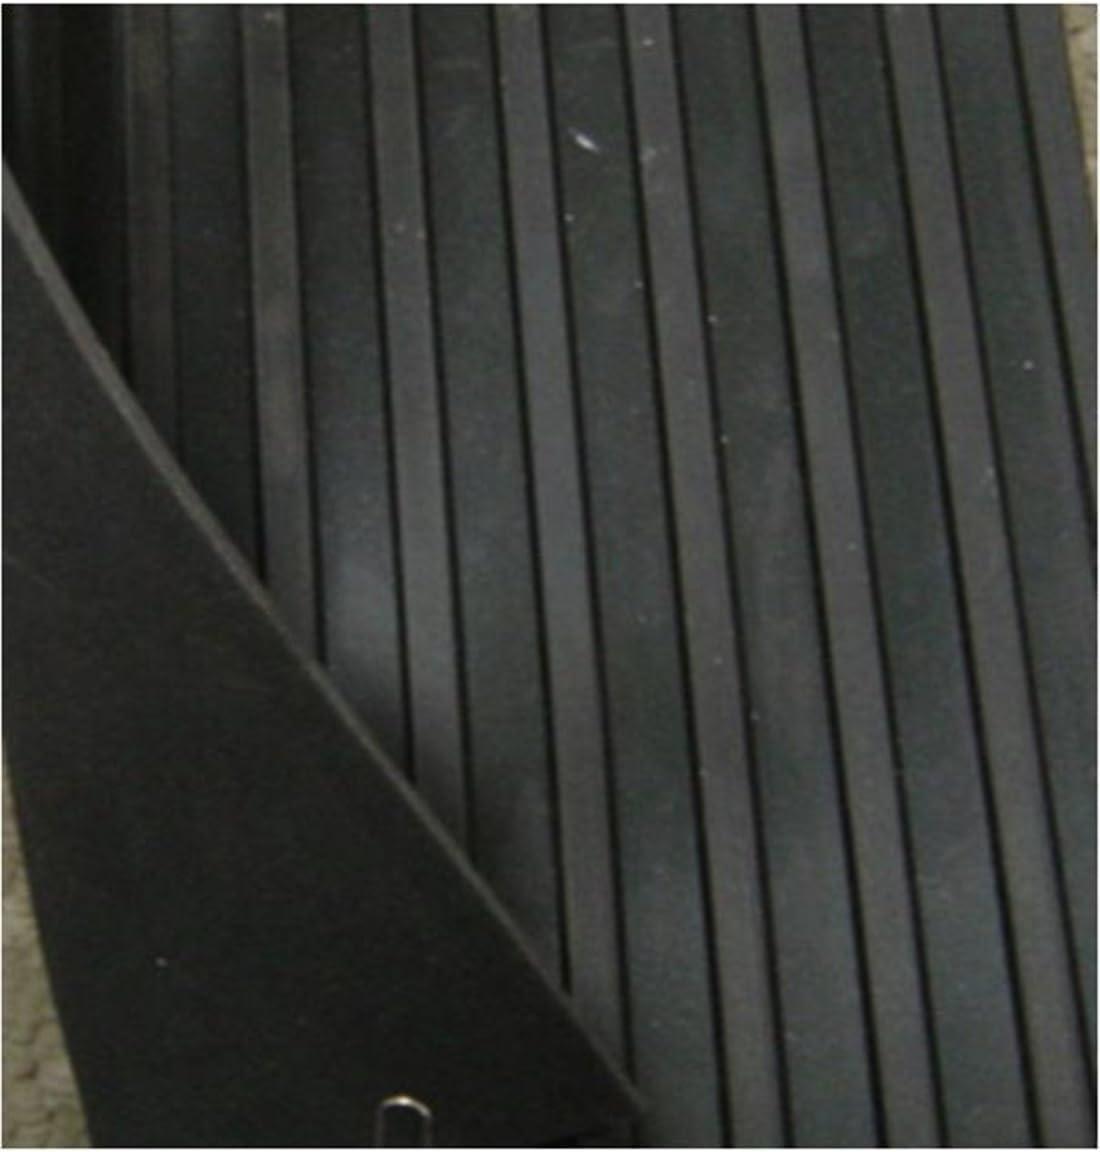 Jardin202 - Pavimento Van para Caballos 6 mm - Metro Cuadrado